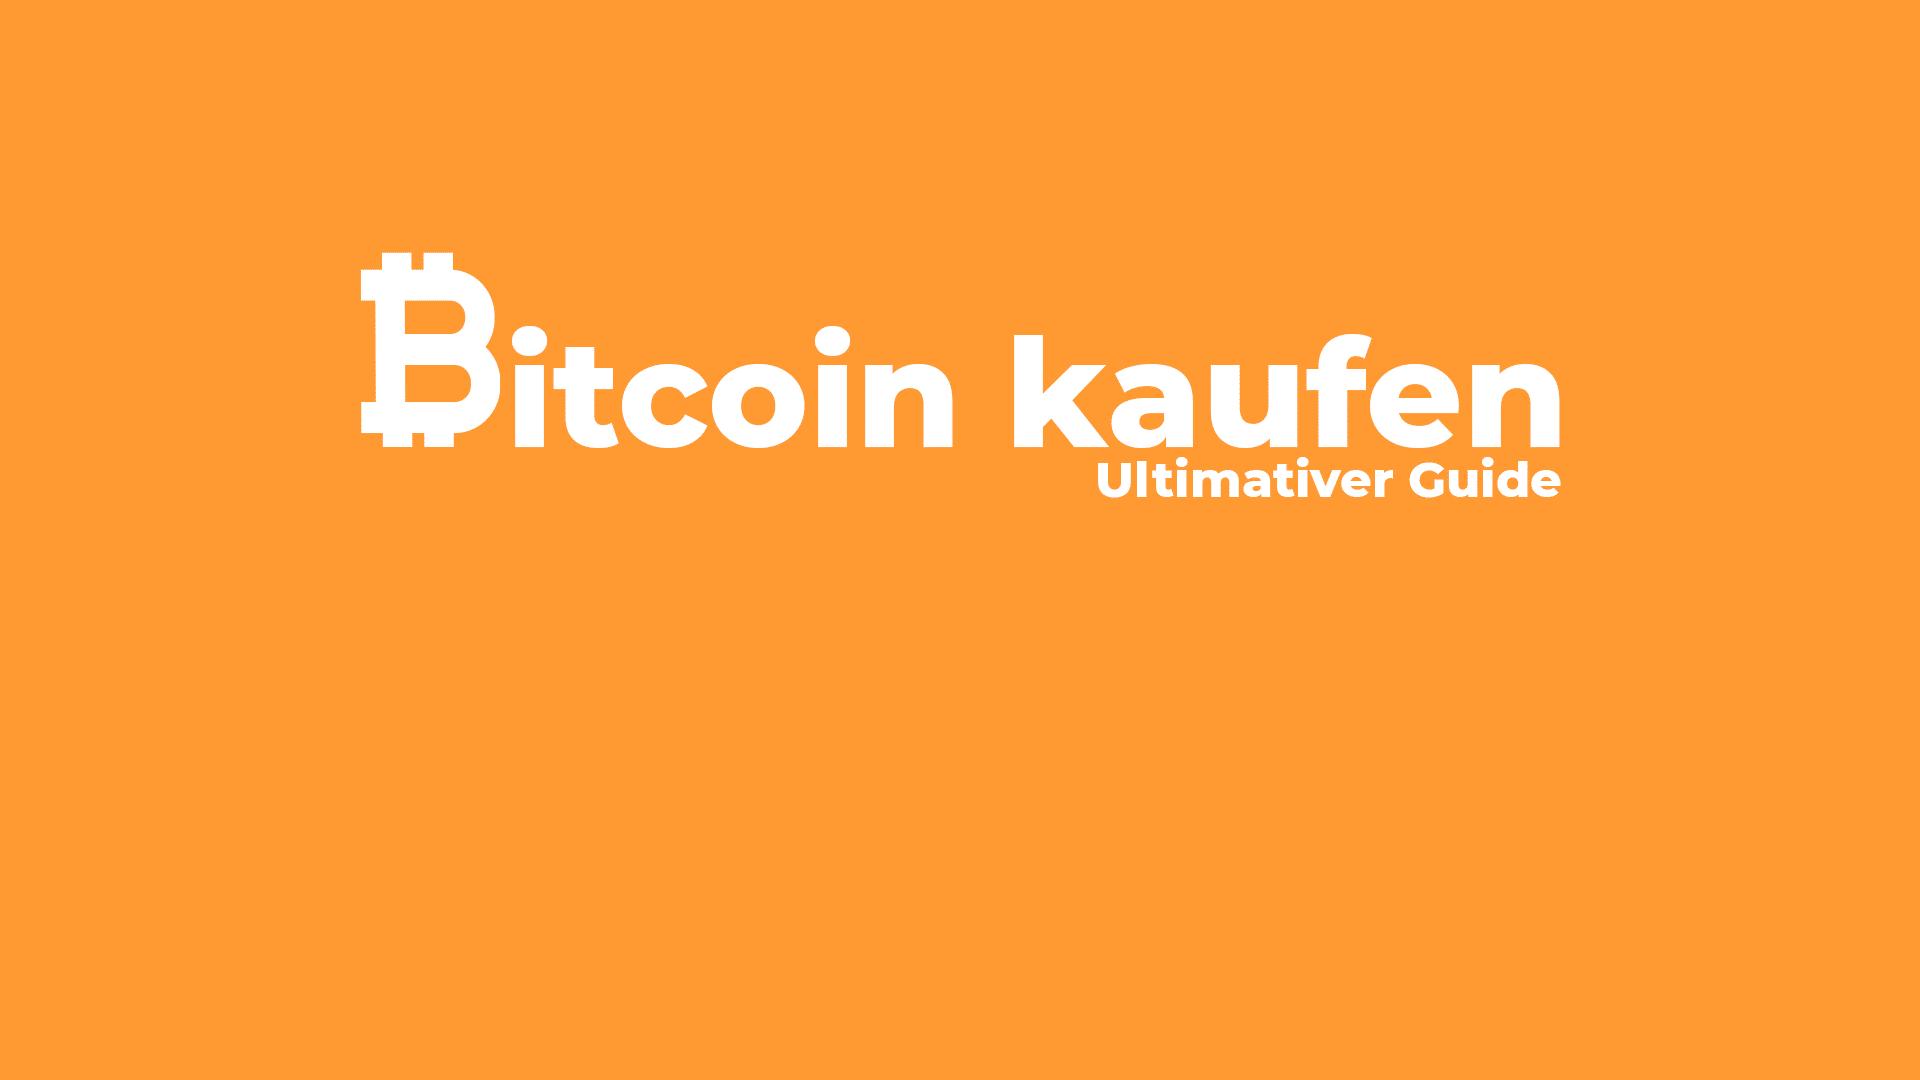 Bitcoins Гјber Paypal Kaufen